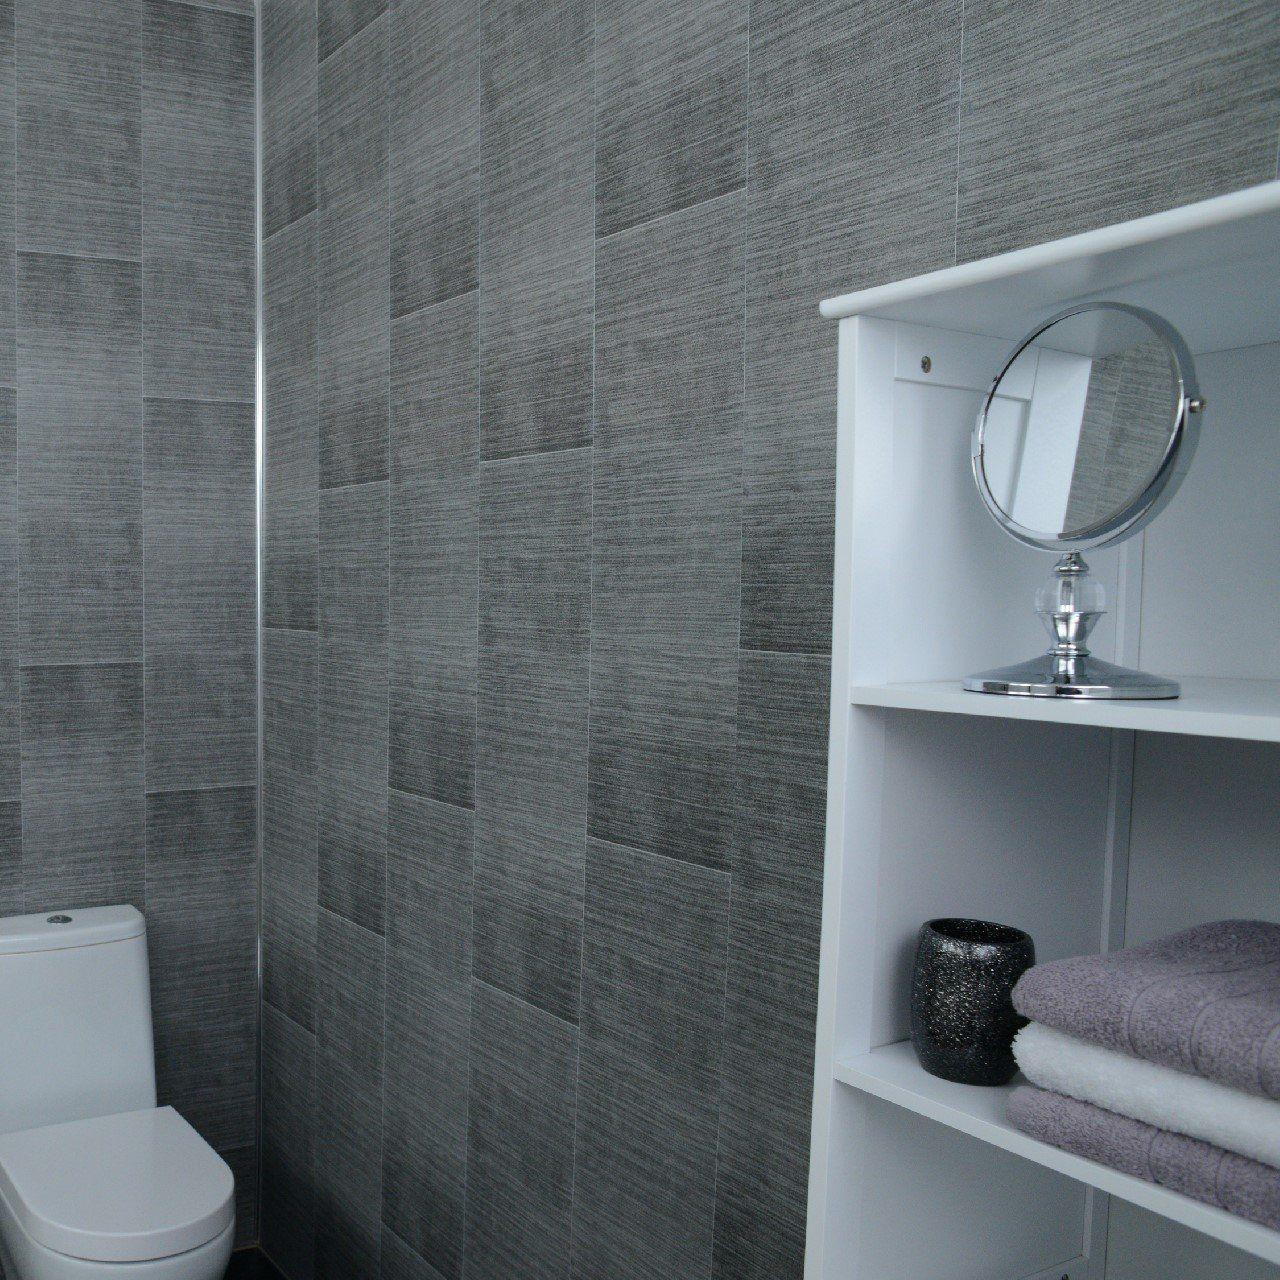 bathroom wall panels waterproof  bathroom wall panels